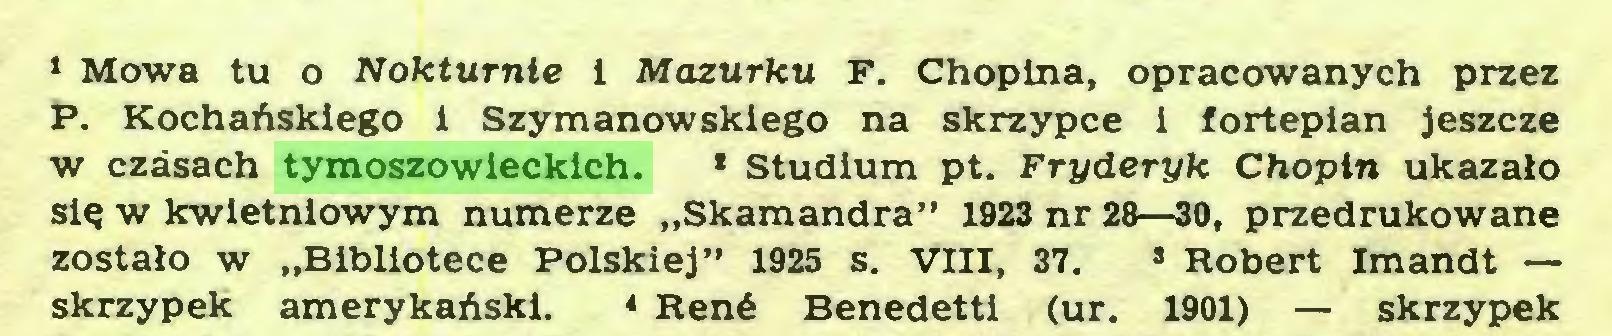 """(...) 1 Mowa tu o Nokturnie i Mazurku F. Chopina, opracowanych przez P. Kochańskiego 1 Szymanowskiego na skrzypce i fortepian jeszcze w czasach tymoszowieckich. * Studium pt. Fryderyk Chopin ukazało się w kwietniowym numerze """"Skamandra"""" 1923 nr 28—30, przedrukowane zostało w """"Bibliotece Polskiej"""" 1925 s. VIII, 37. s Robert Imandt — skrzypek amerykański. * René Benedetti (ur. 1901) — skrzypek..."""